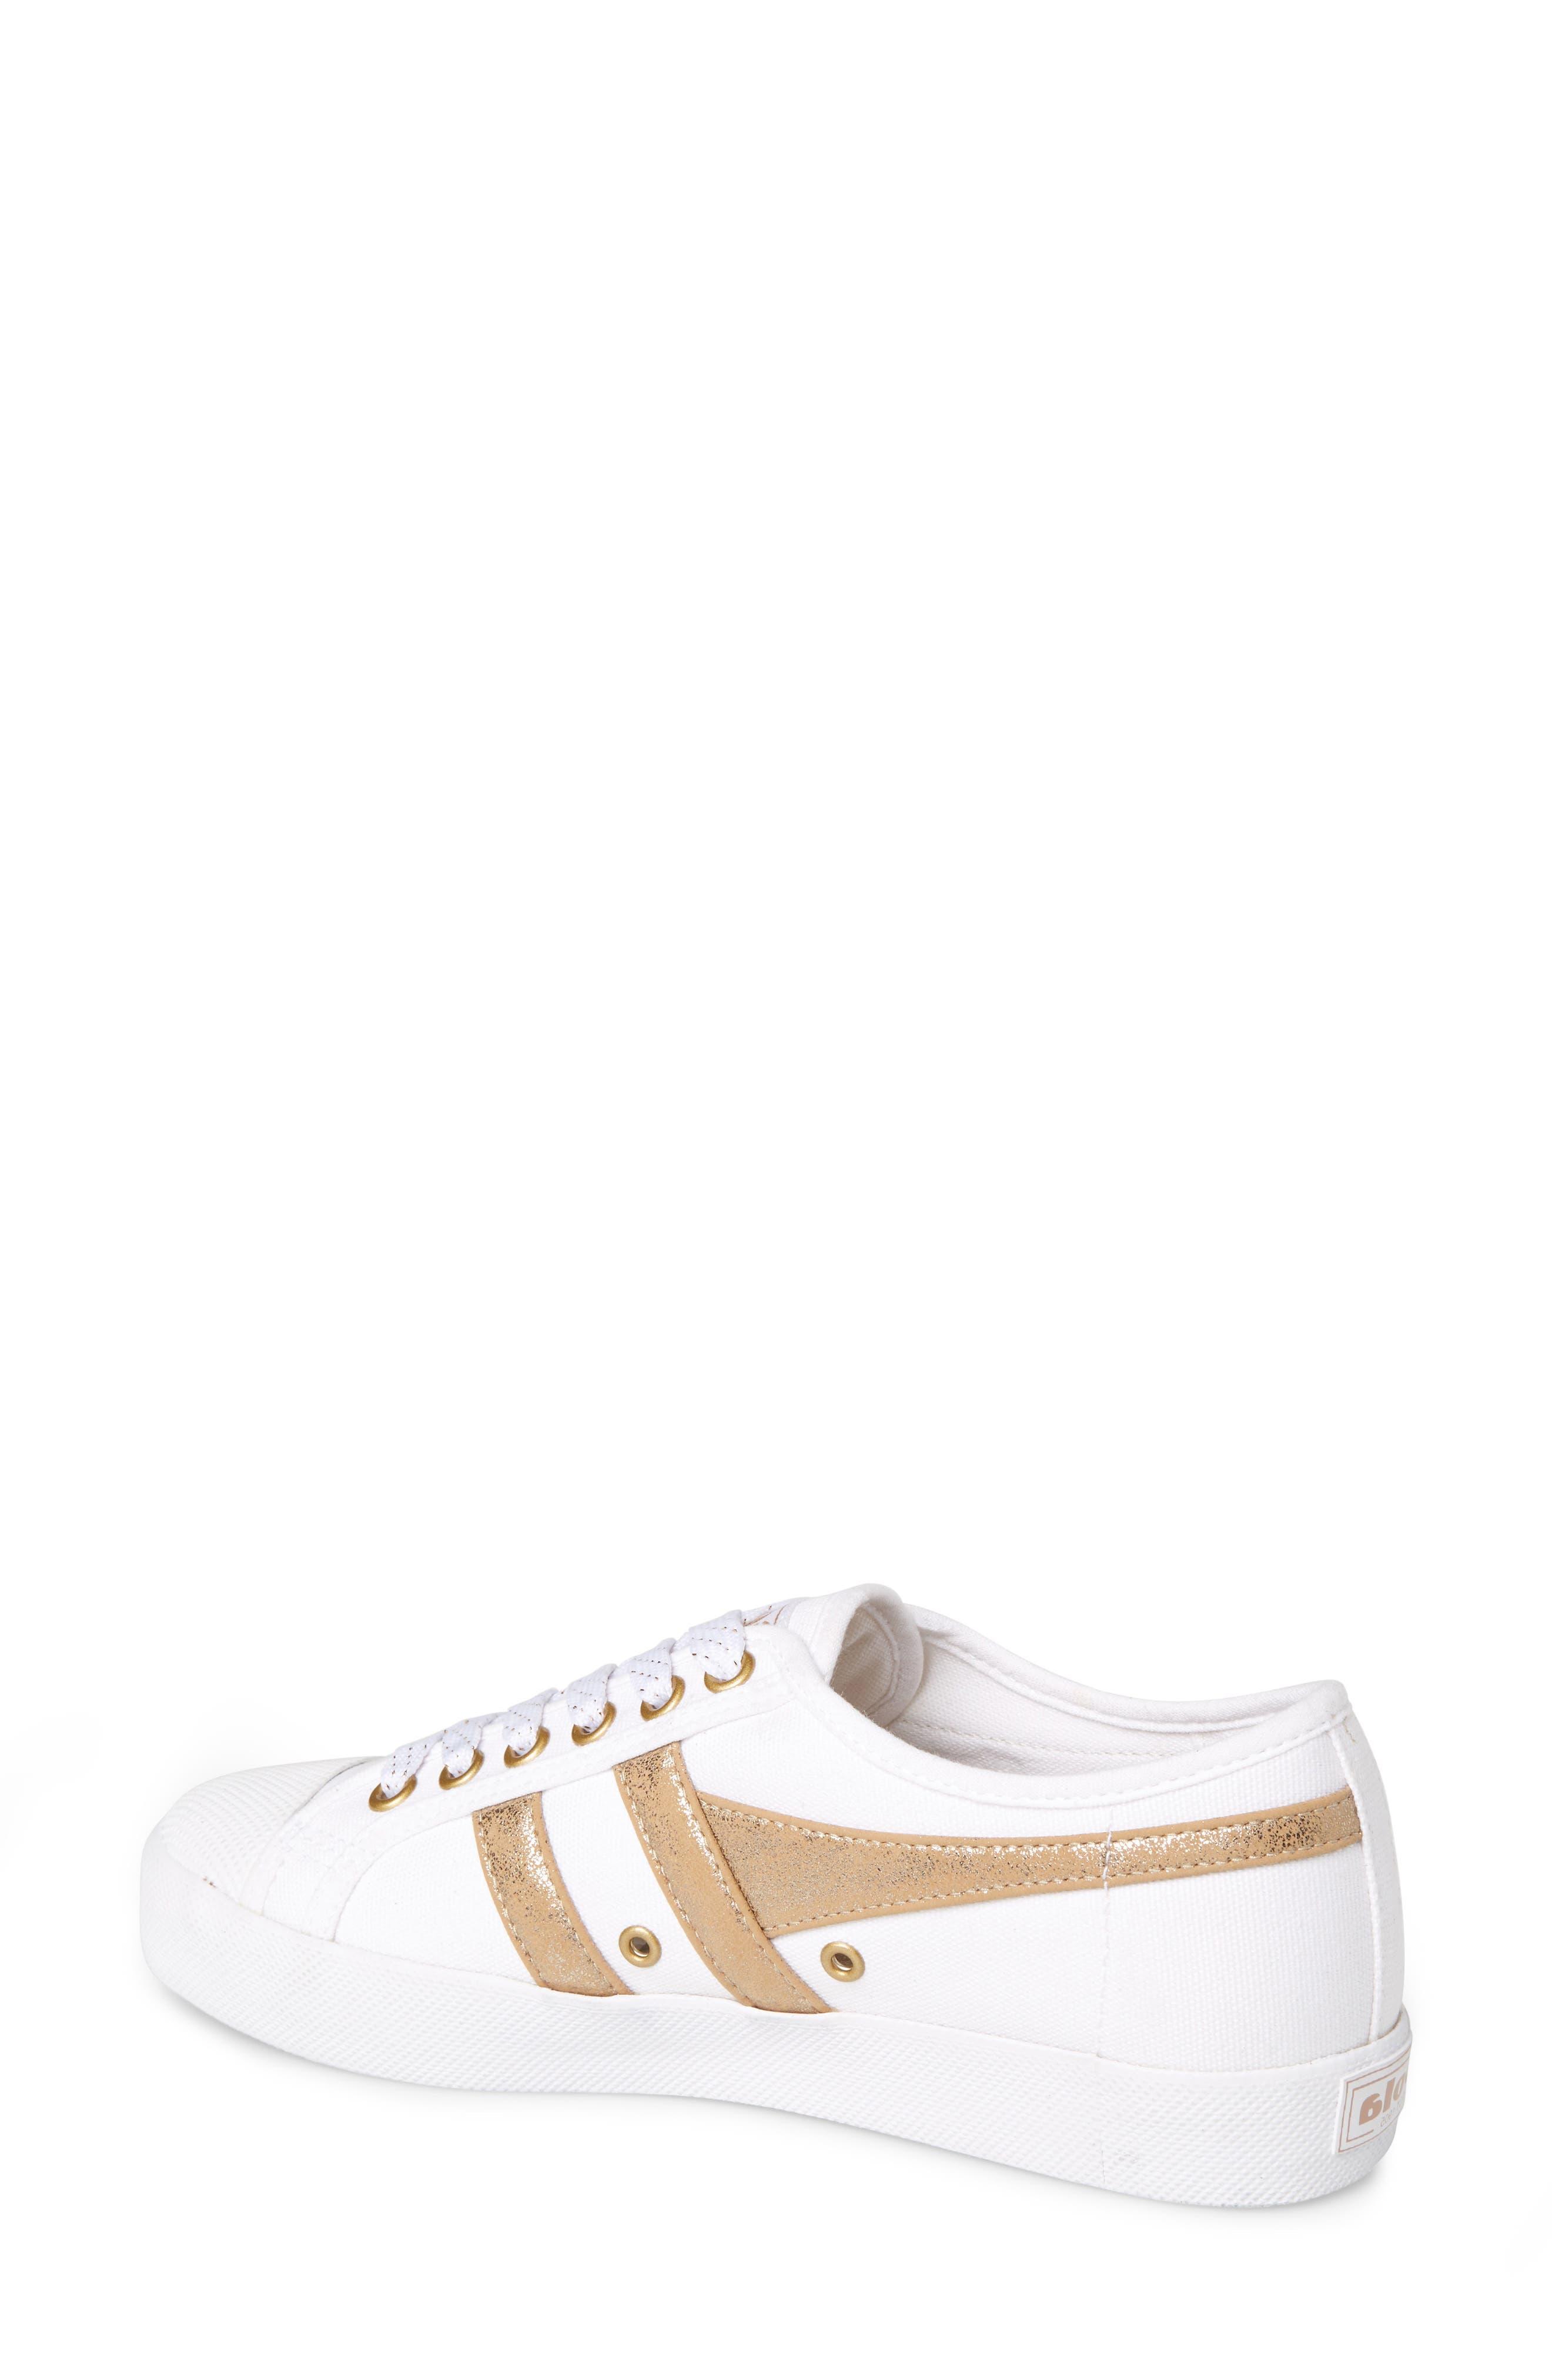 GOLA,                             Coaster Mirror Sneaker,                             Alternate thumbnail 2, color,                             WHITE/ GOLD